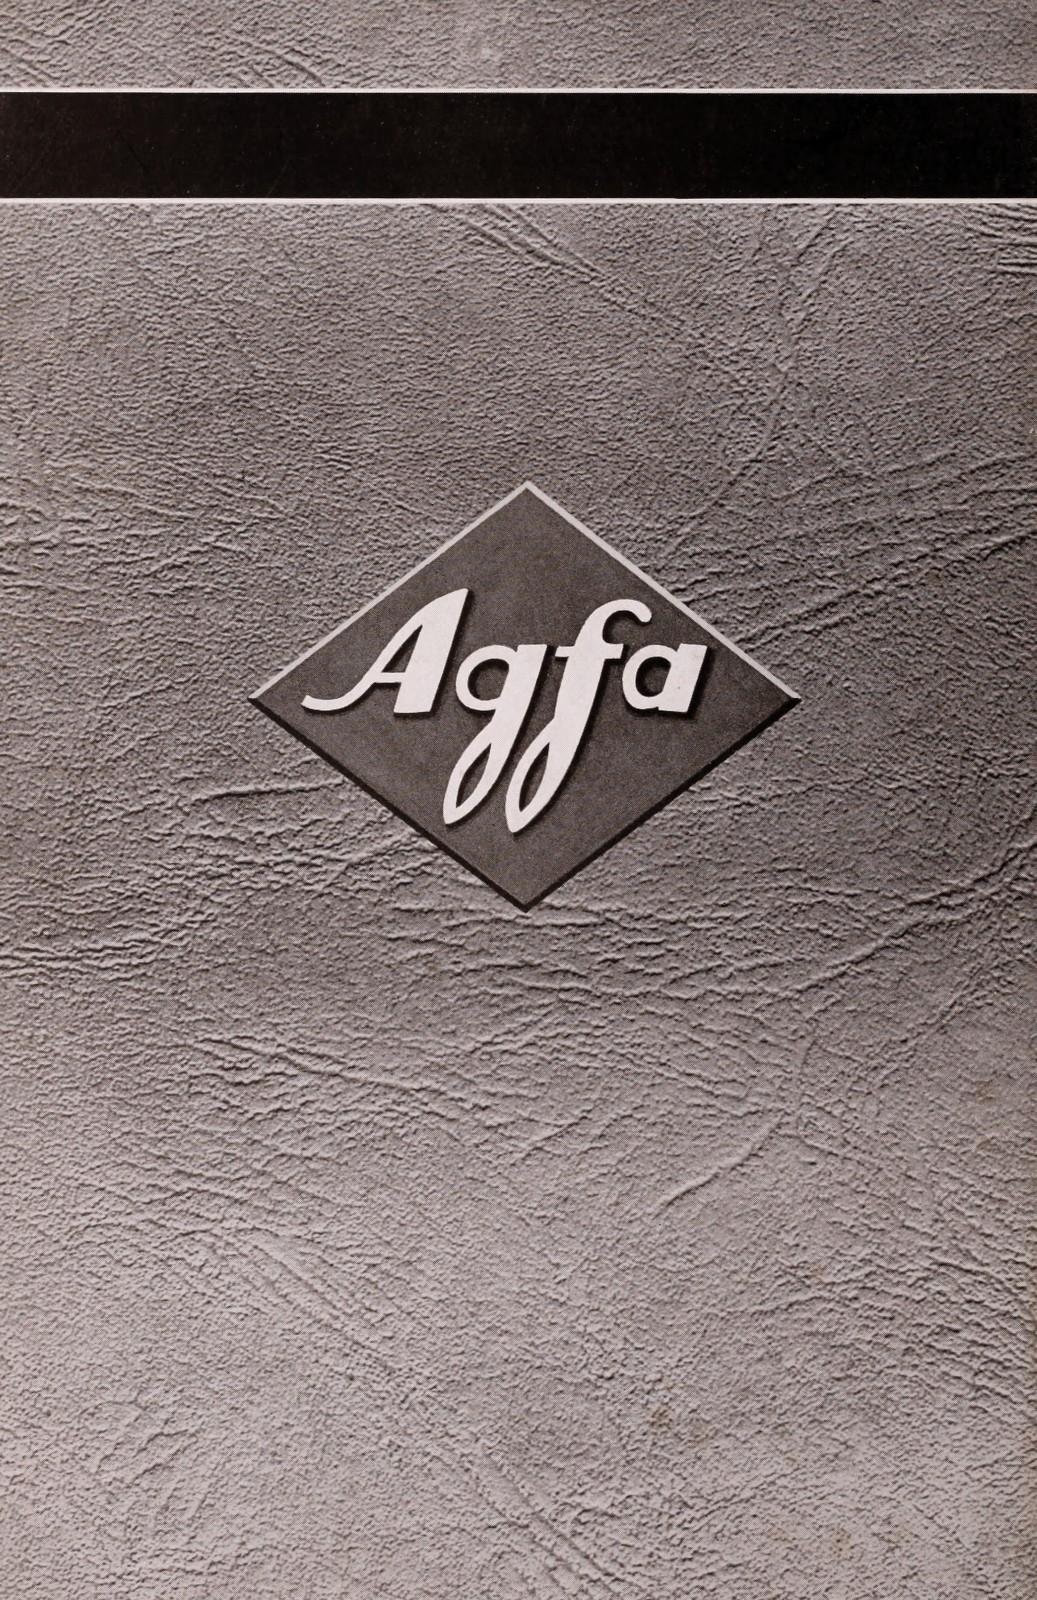 Agfamotionpictur00ckin_jp2.zip&file=agfamotionpictur00ckin_jp2%2fagfamotionpictur00ckin_0284